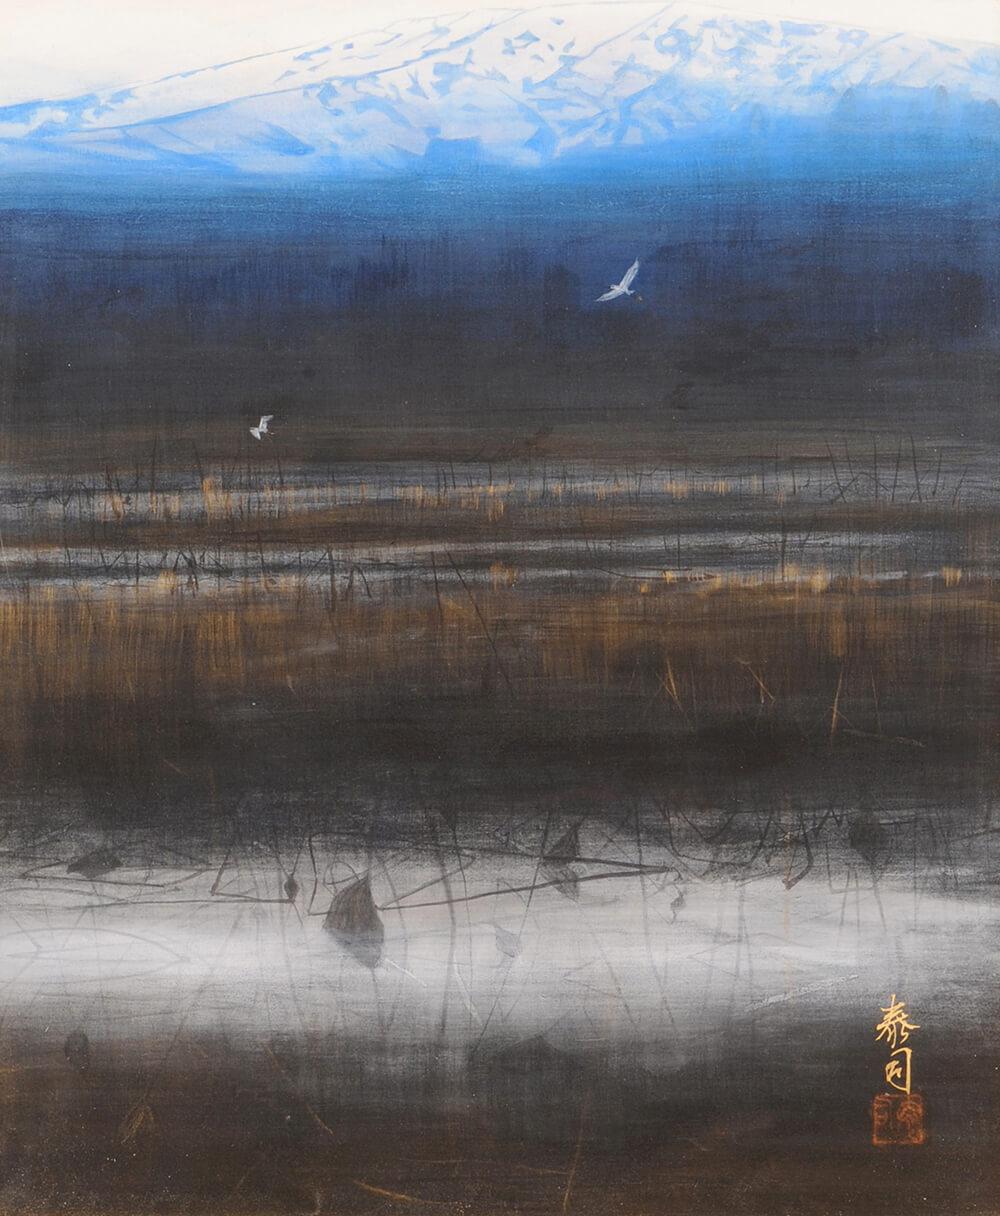 2013年1月11日から開催の「癸巳 橘 泰司 日本画 展」の橘 泰司の作品14